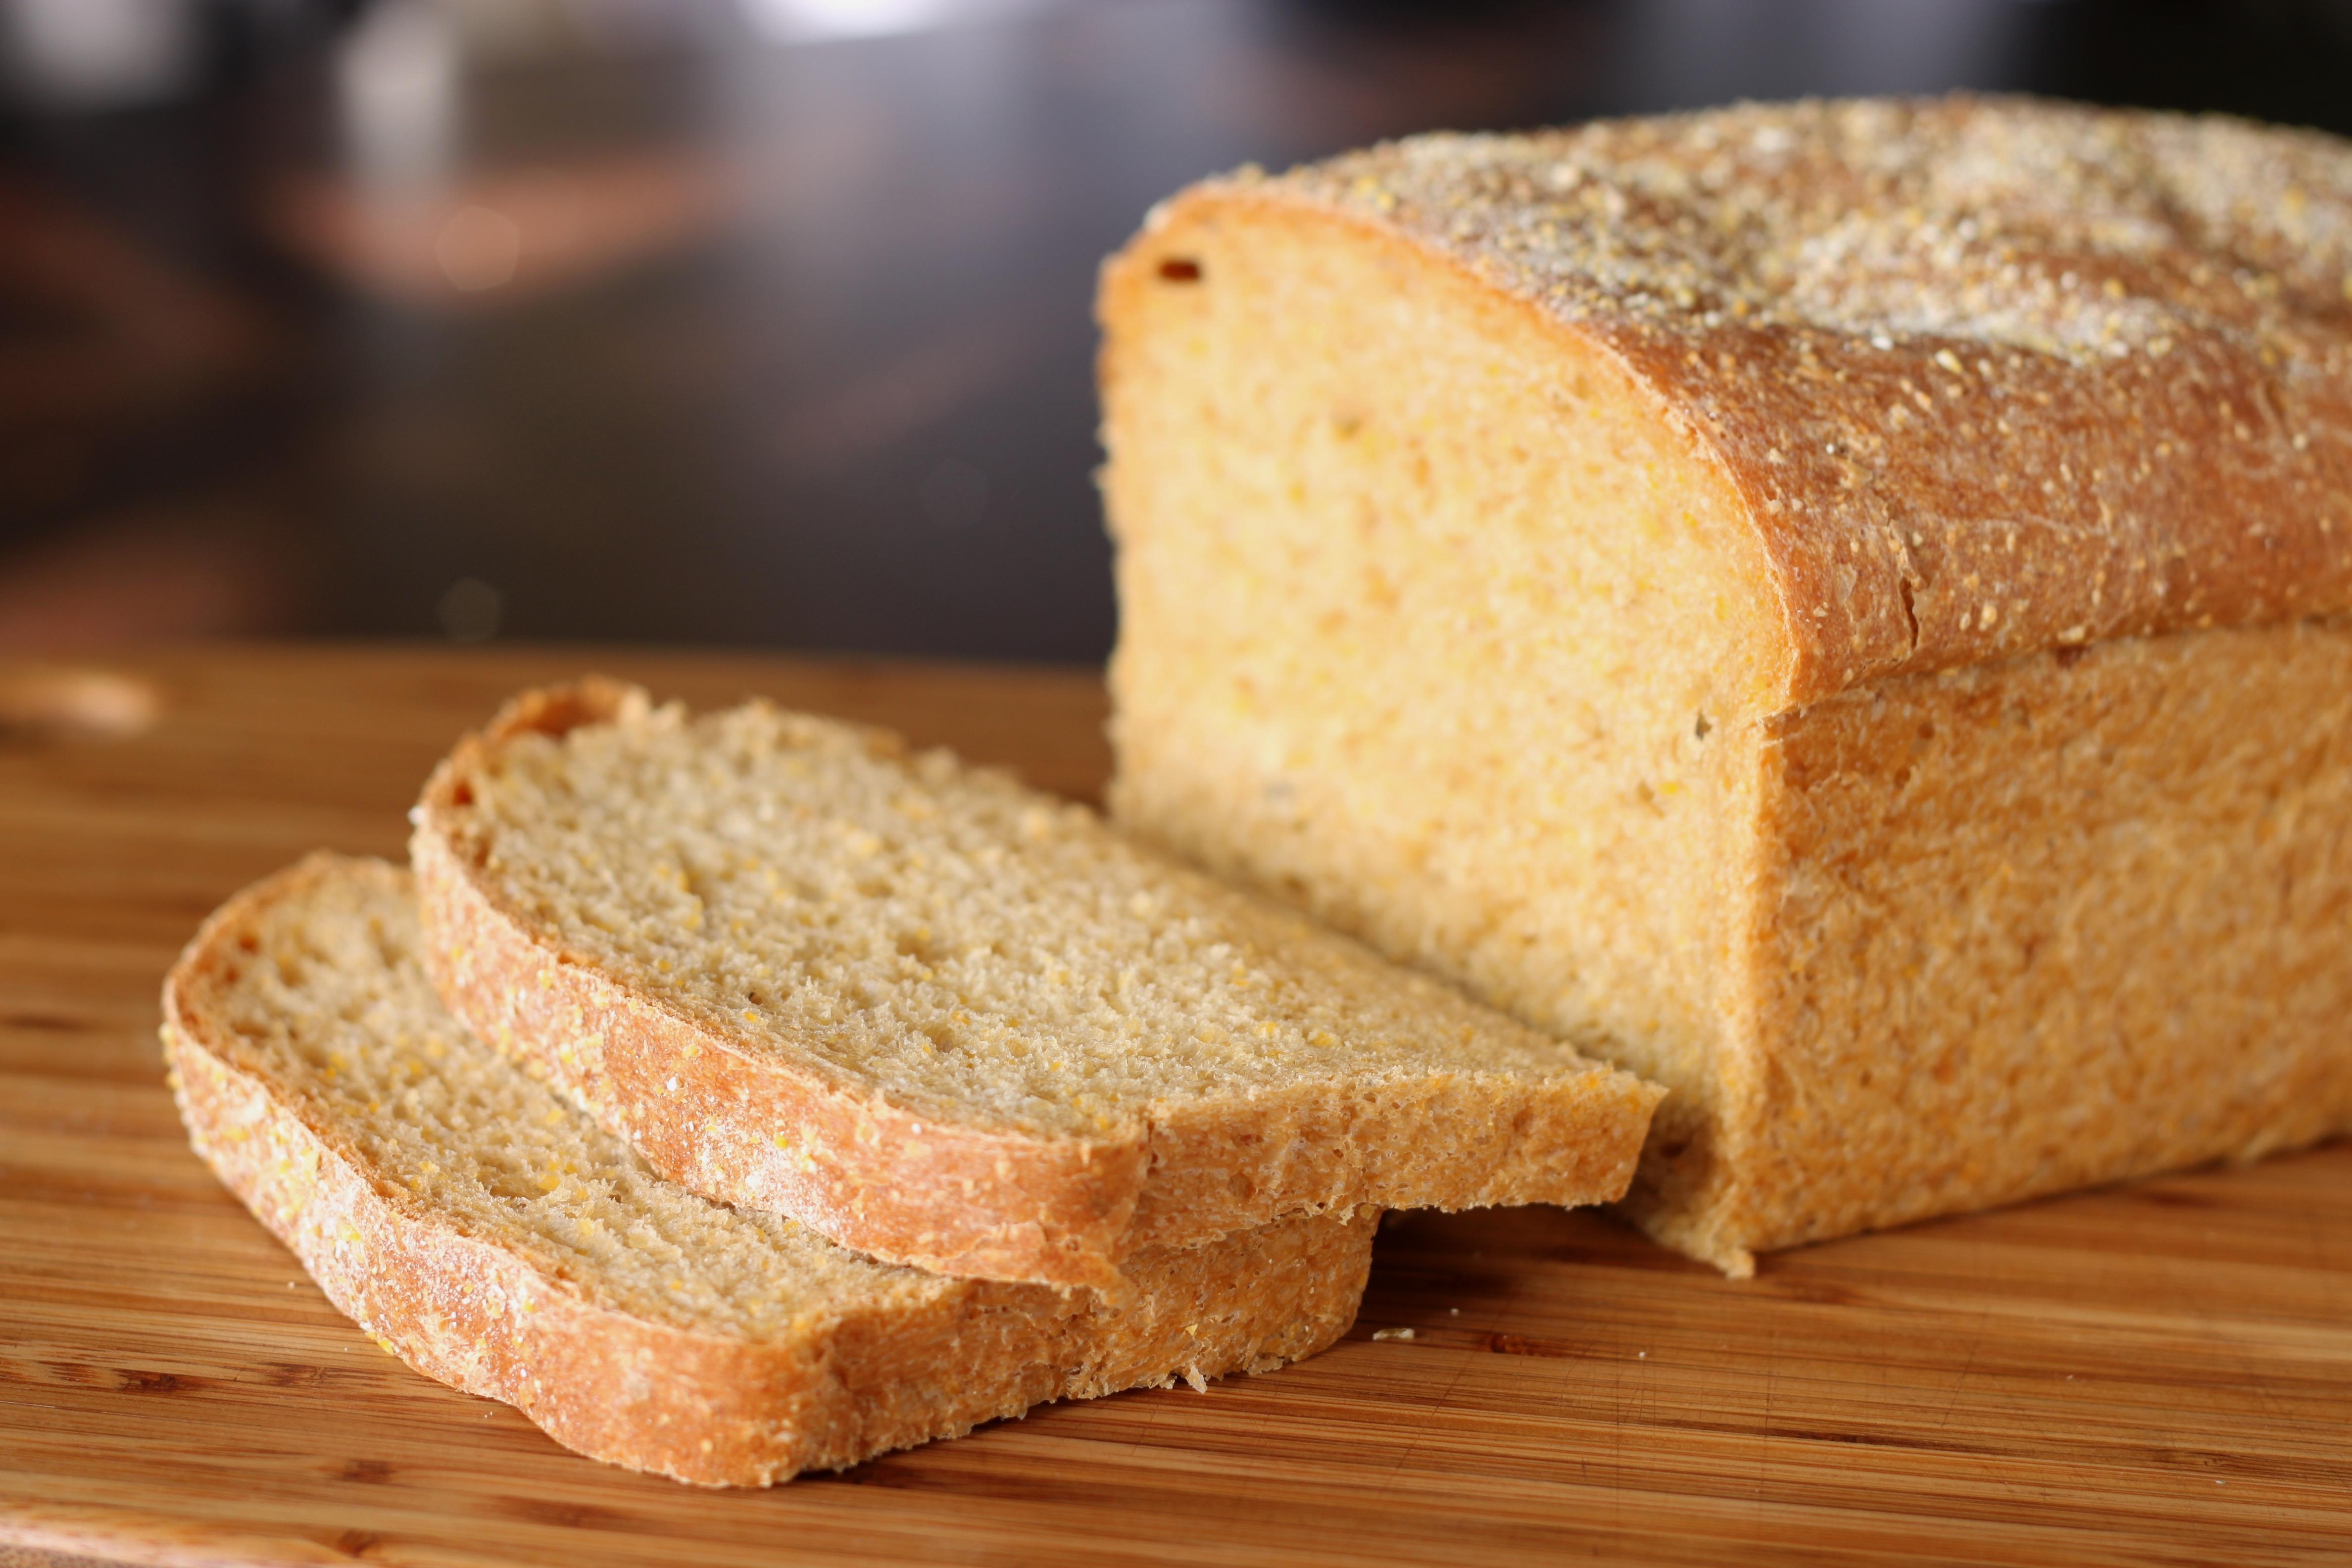 http://en.wikipedia.org/wiki/List_of_American_breads